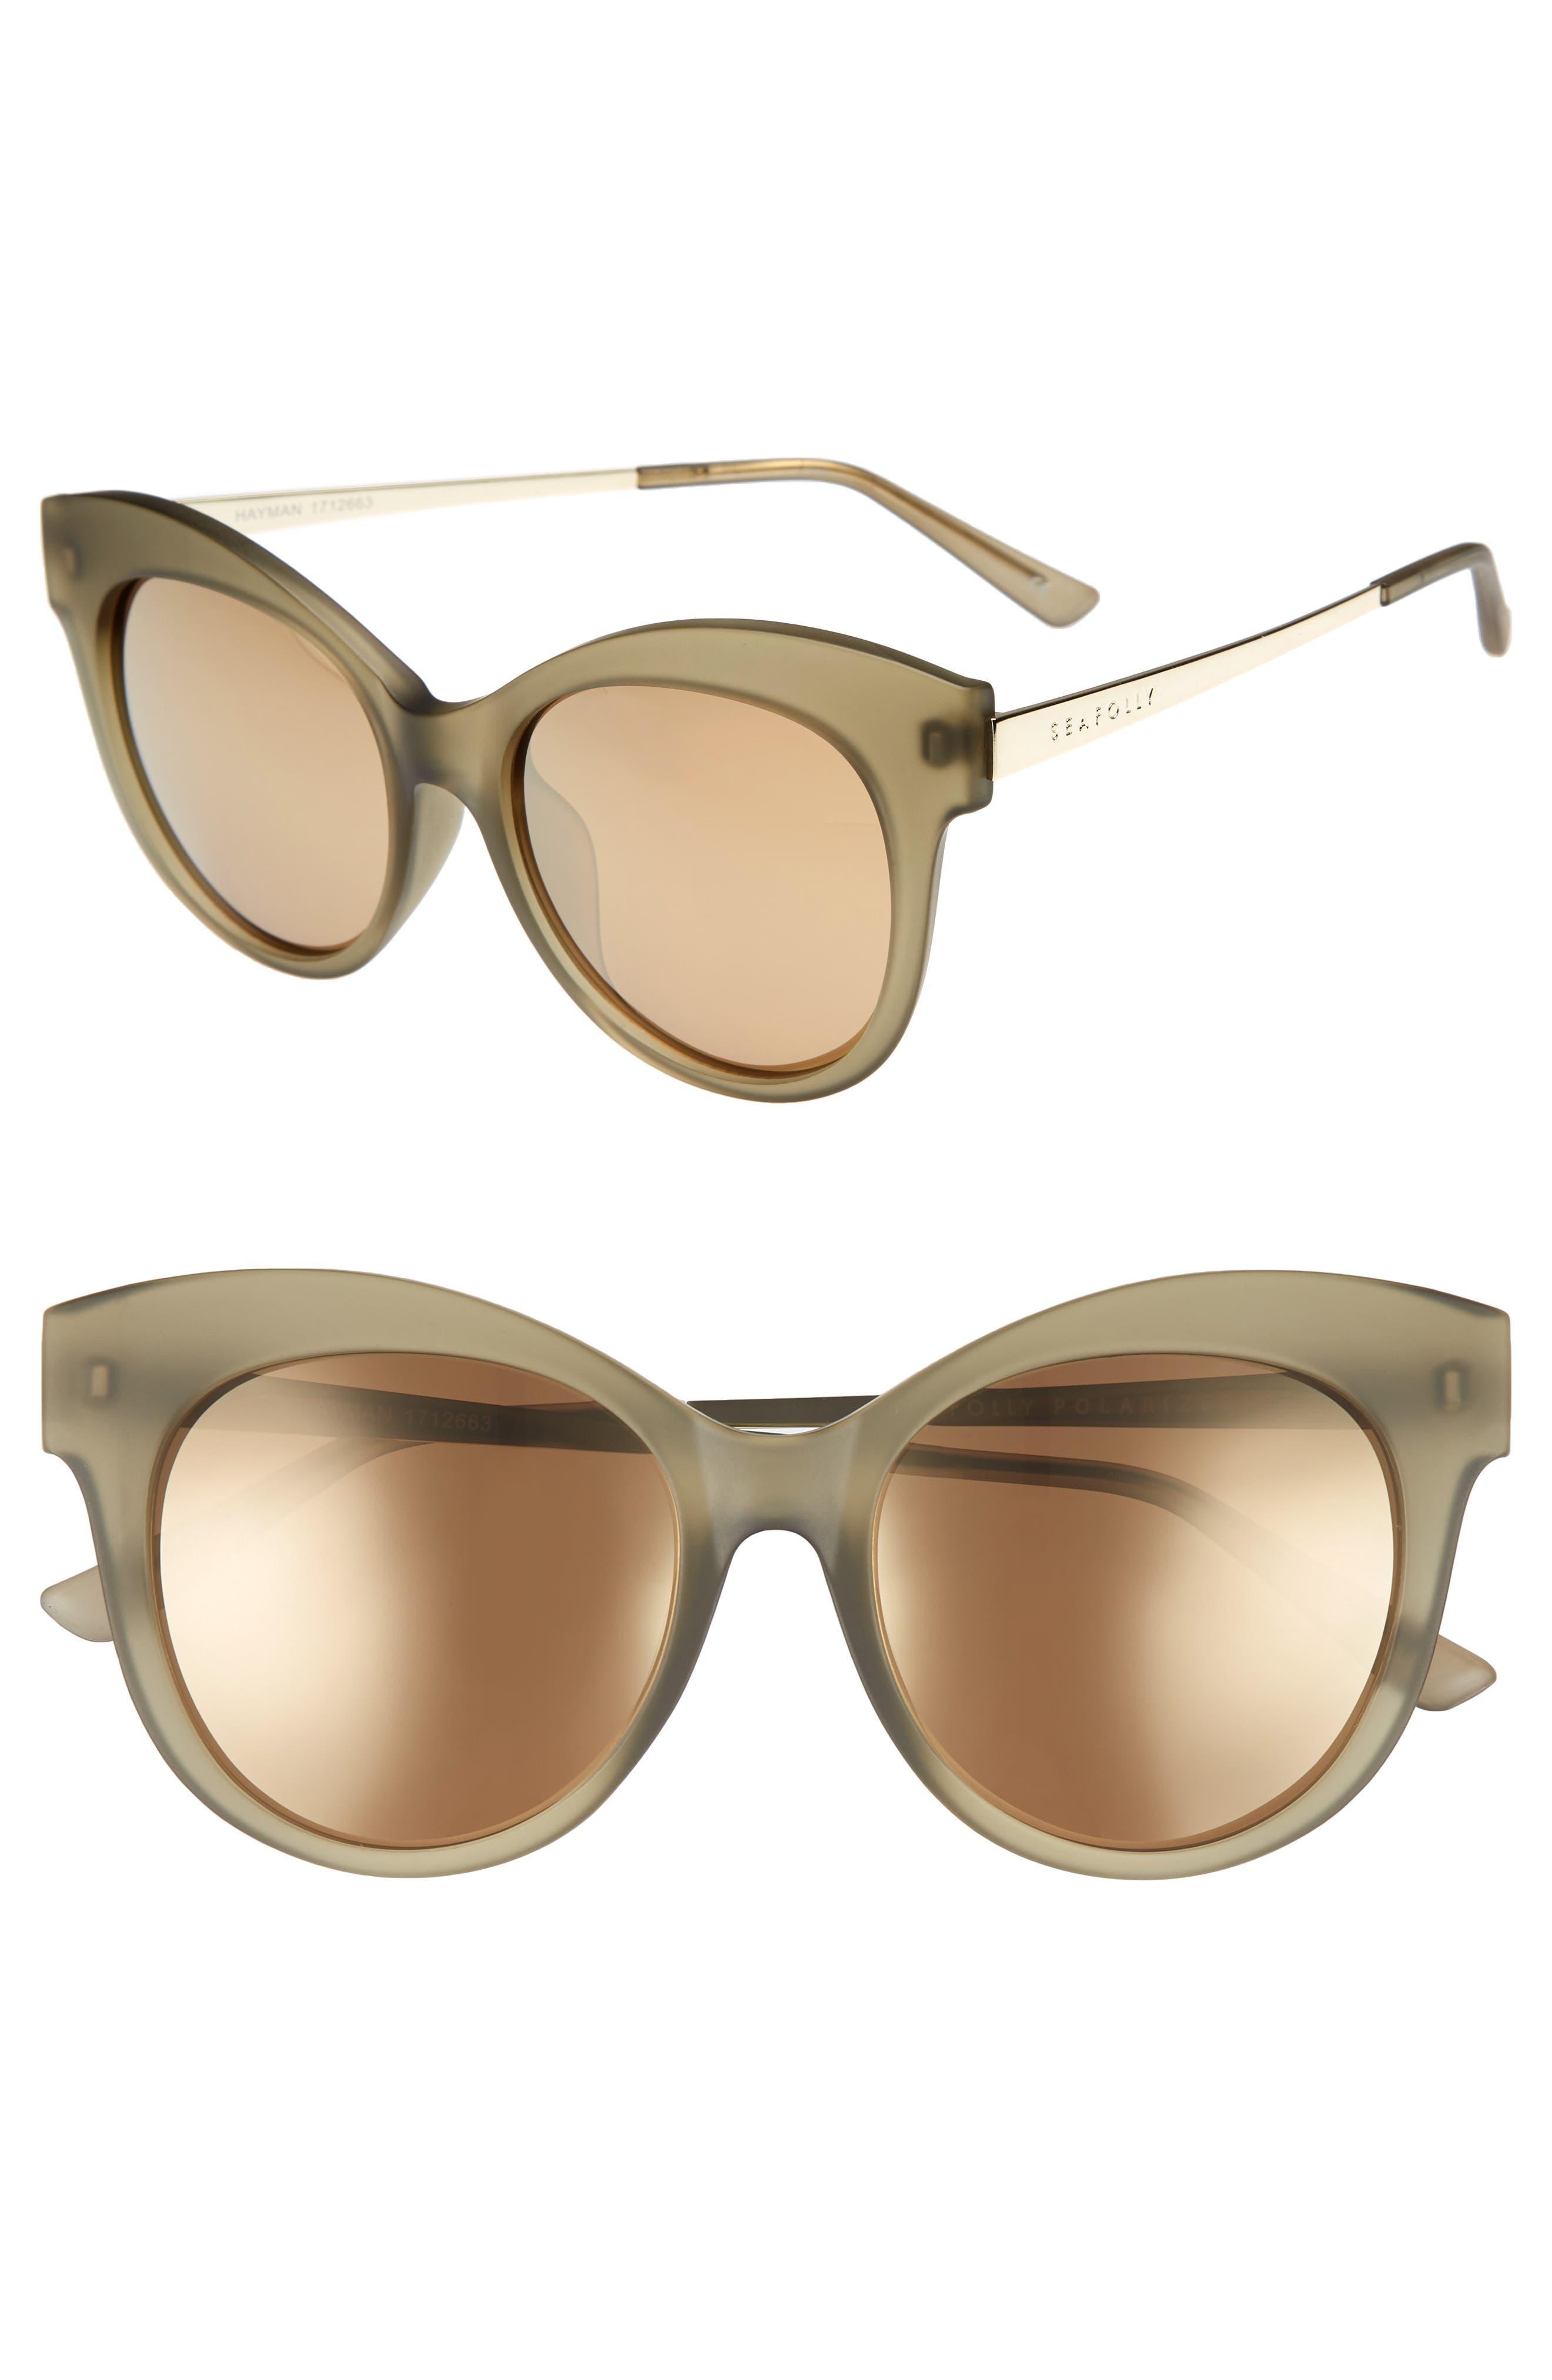 Hayman 53mm Cat Eye Sunglasses,                             Main thumbnail 1, color,                             Moss